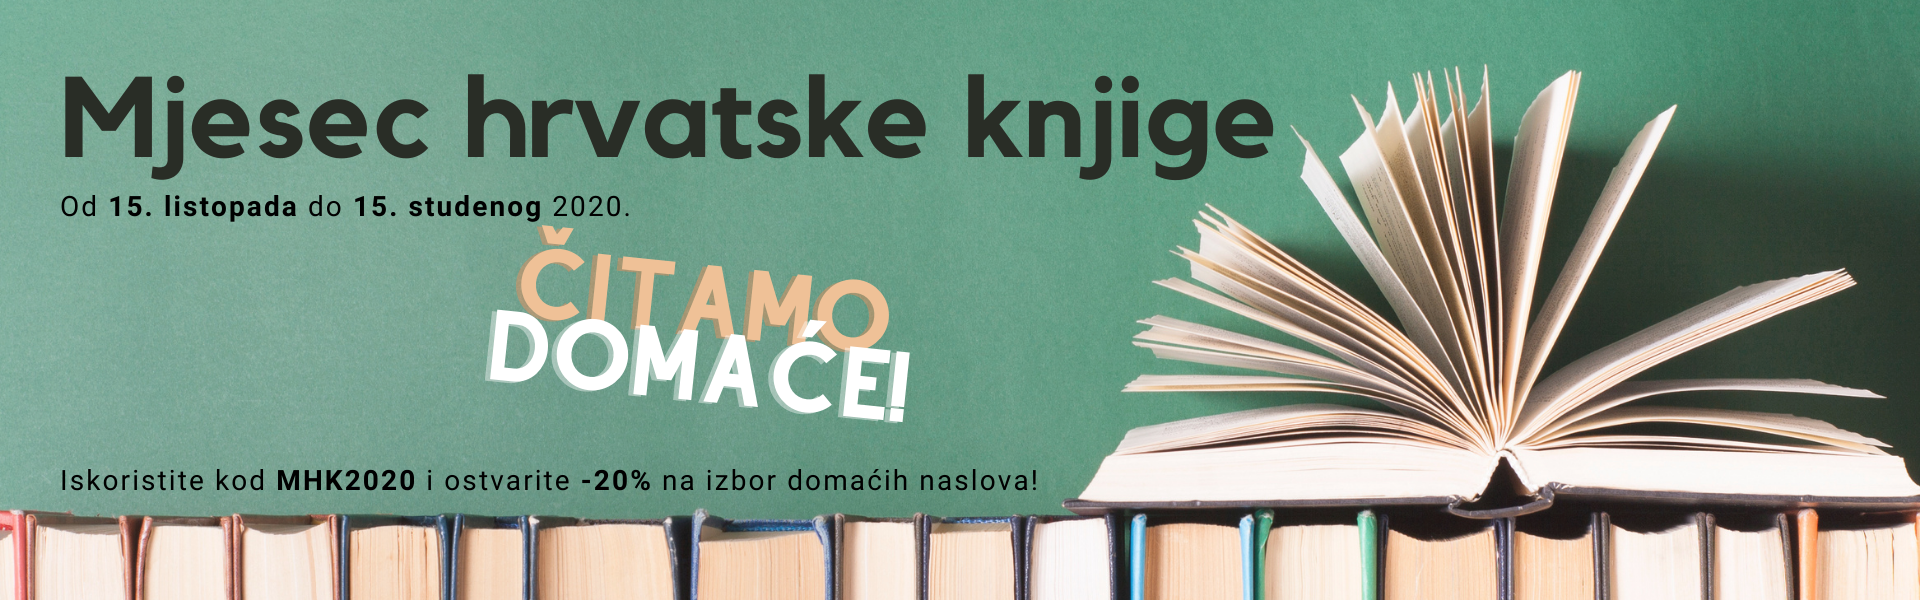 Mjesec hrvatske knjige